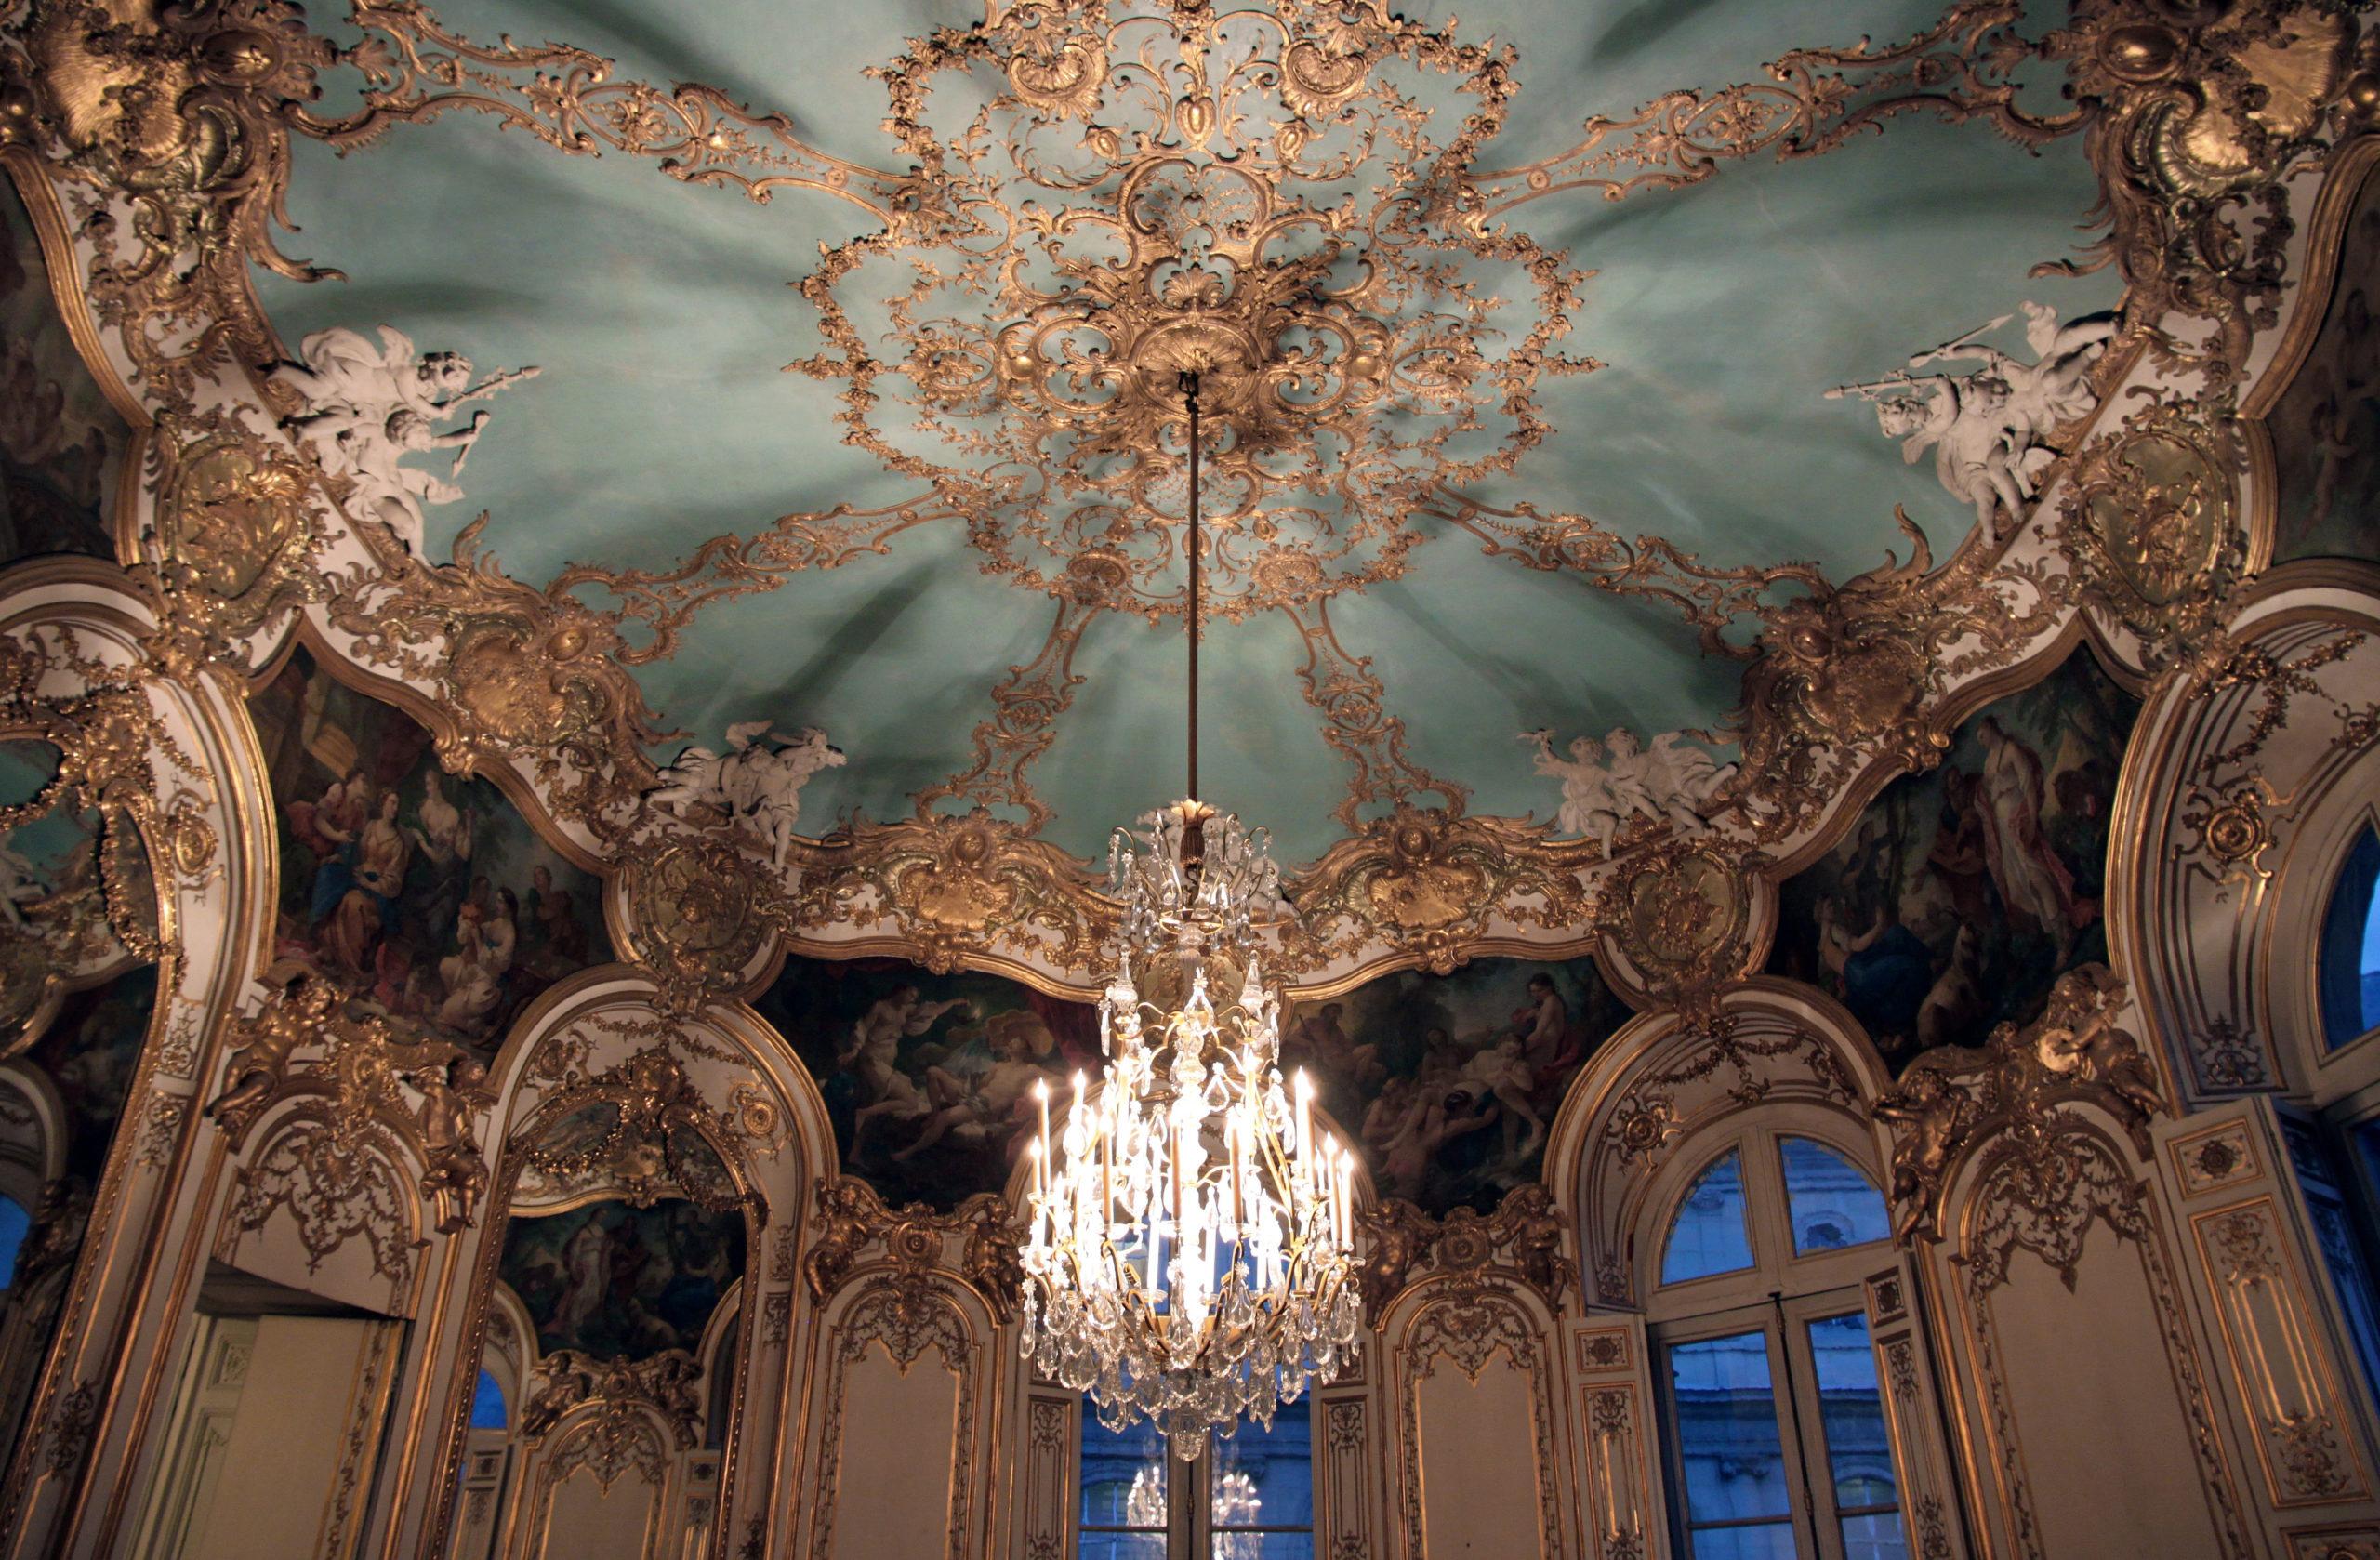 Germaine Boffrand, Salon de la Princesse, Hotel de Soubise, Paris, 1735 (photo: NonOmnisMoriar, CC BY-SA 3.0)